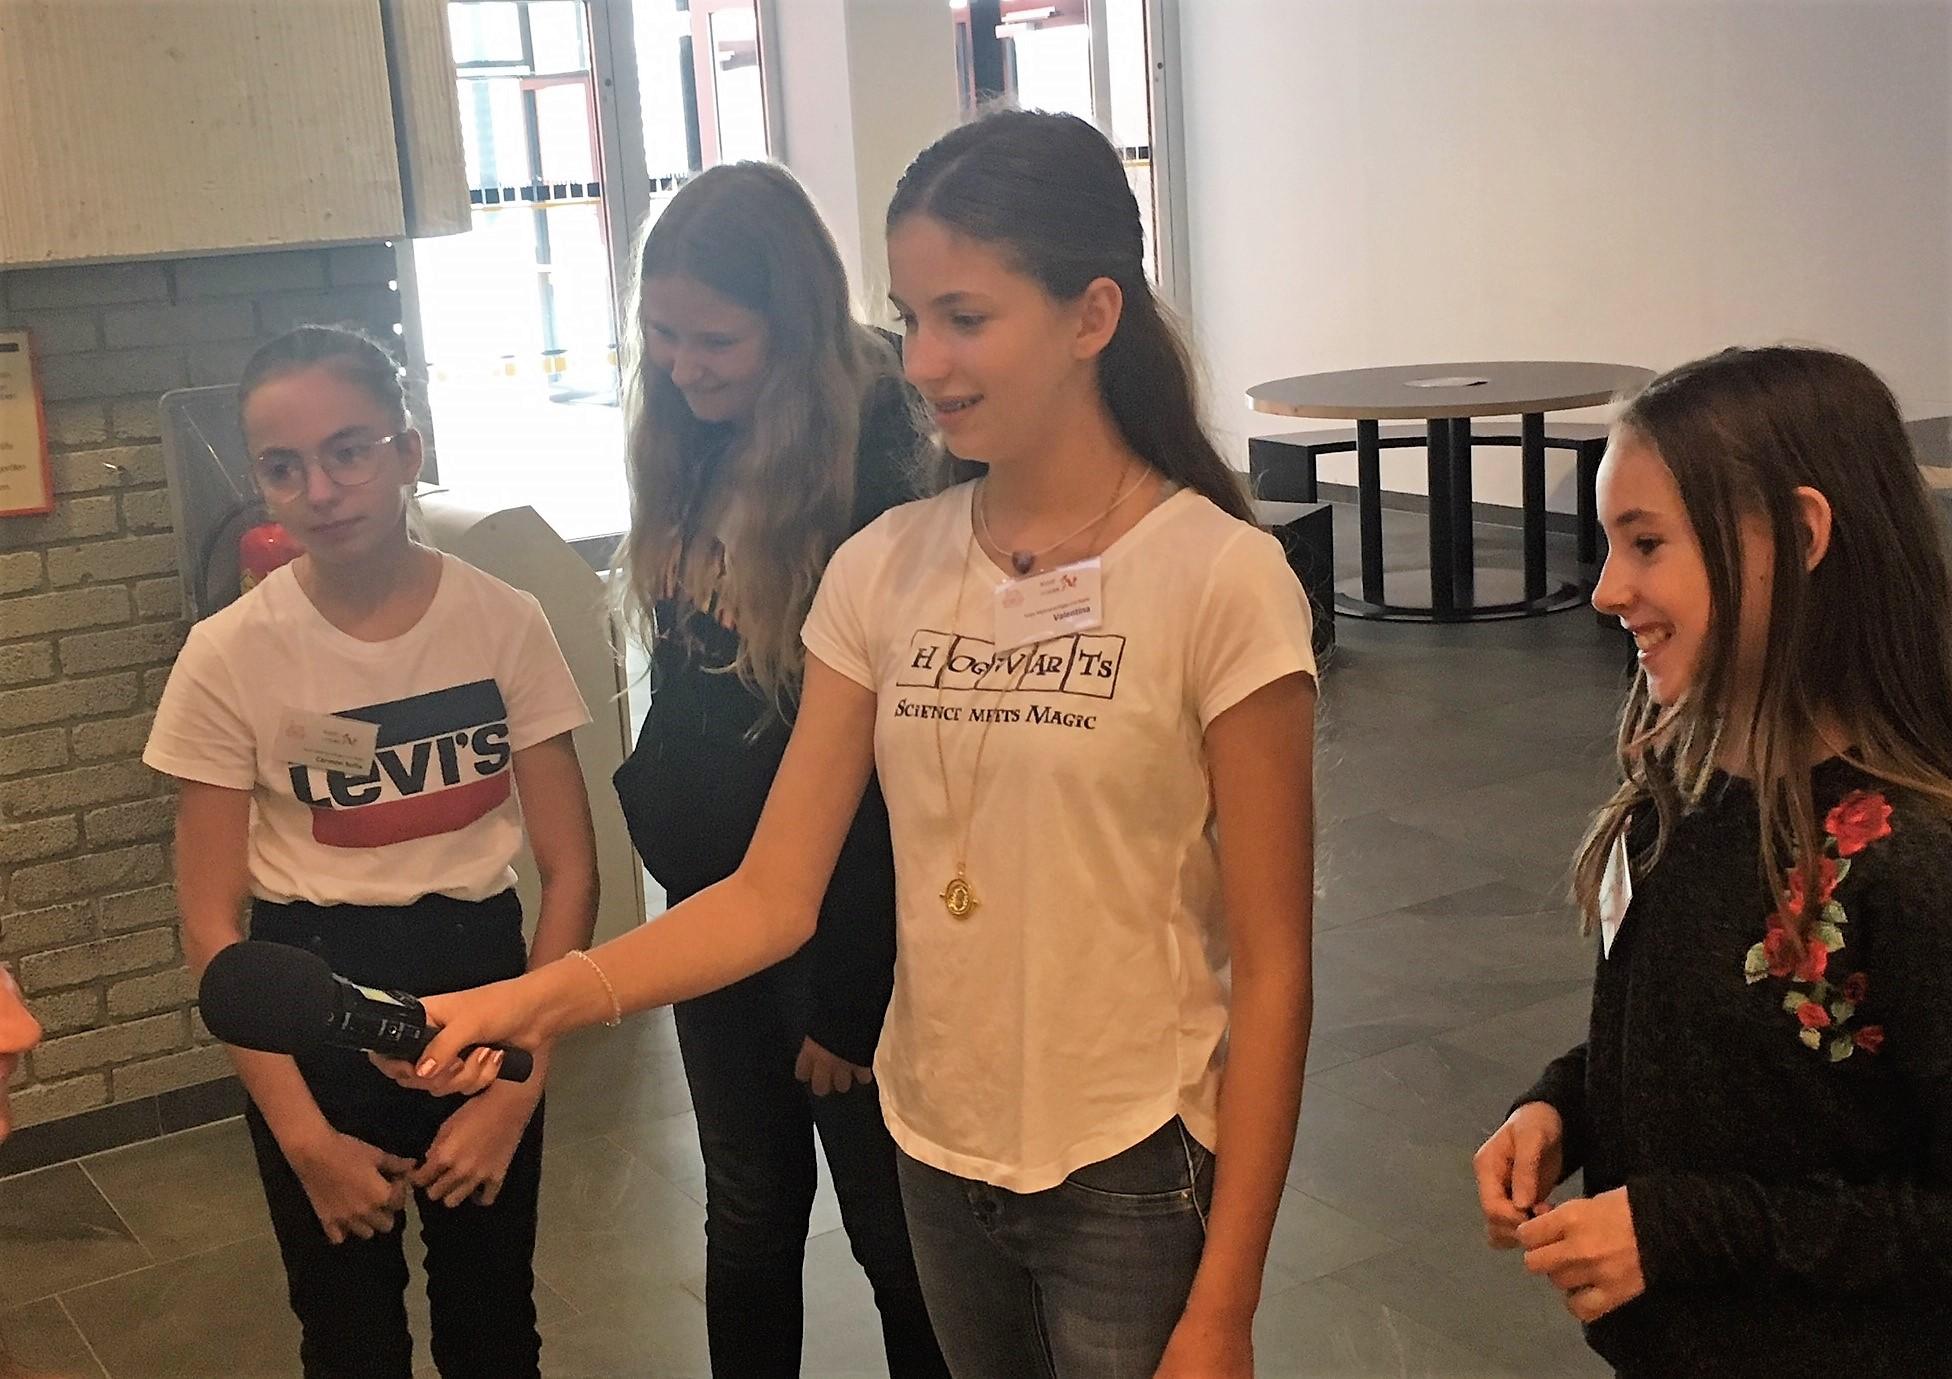 Uni leute kennenlernen schwaz - Frauen aus kennenlernen